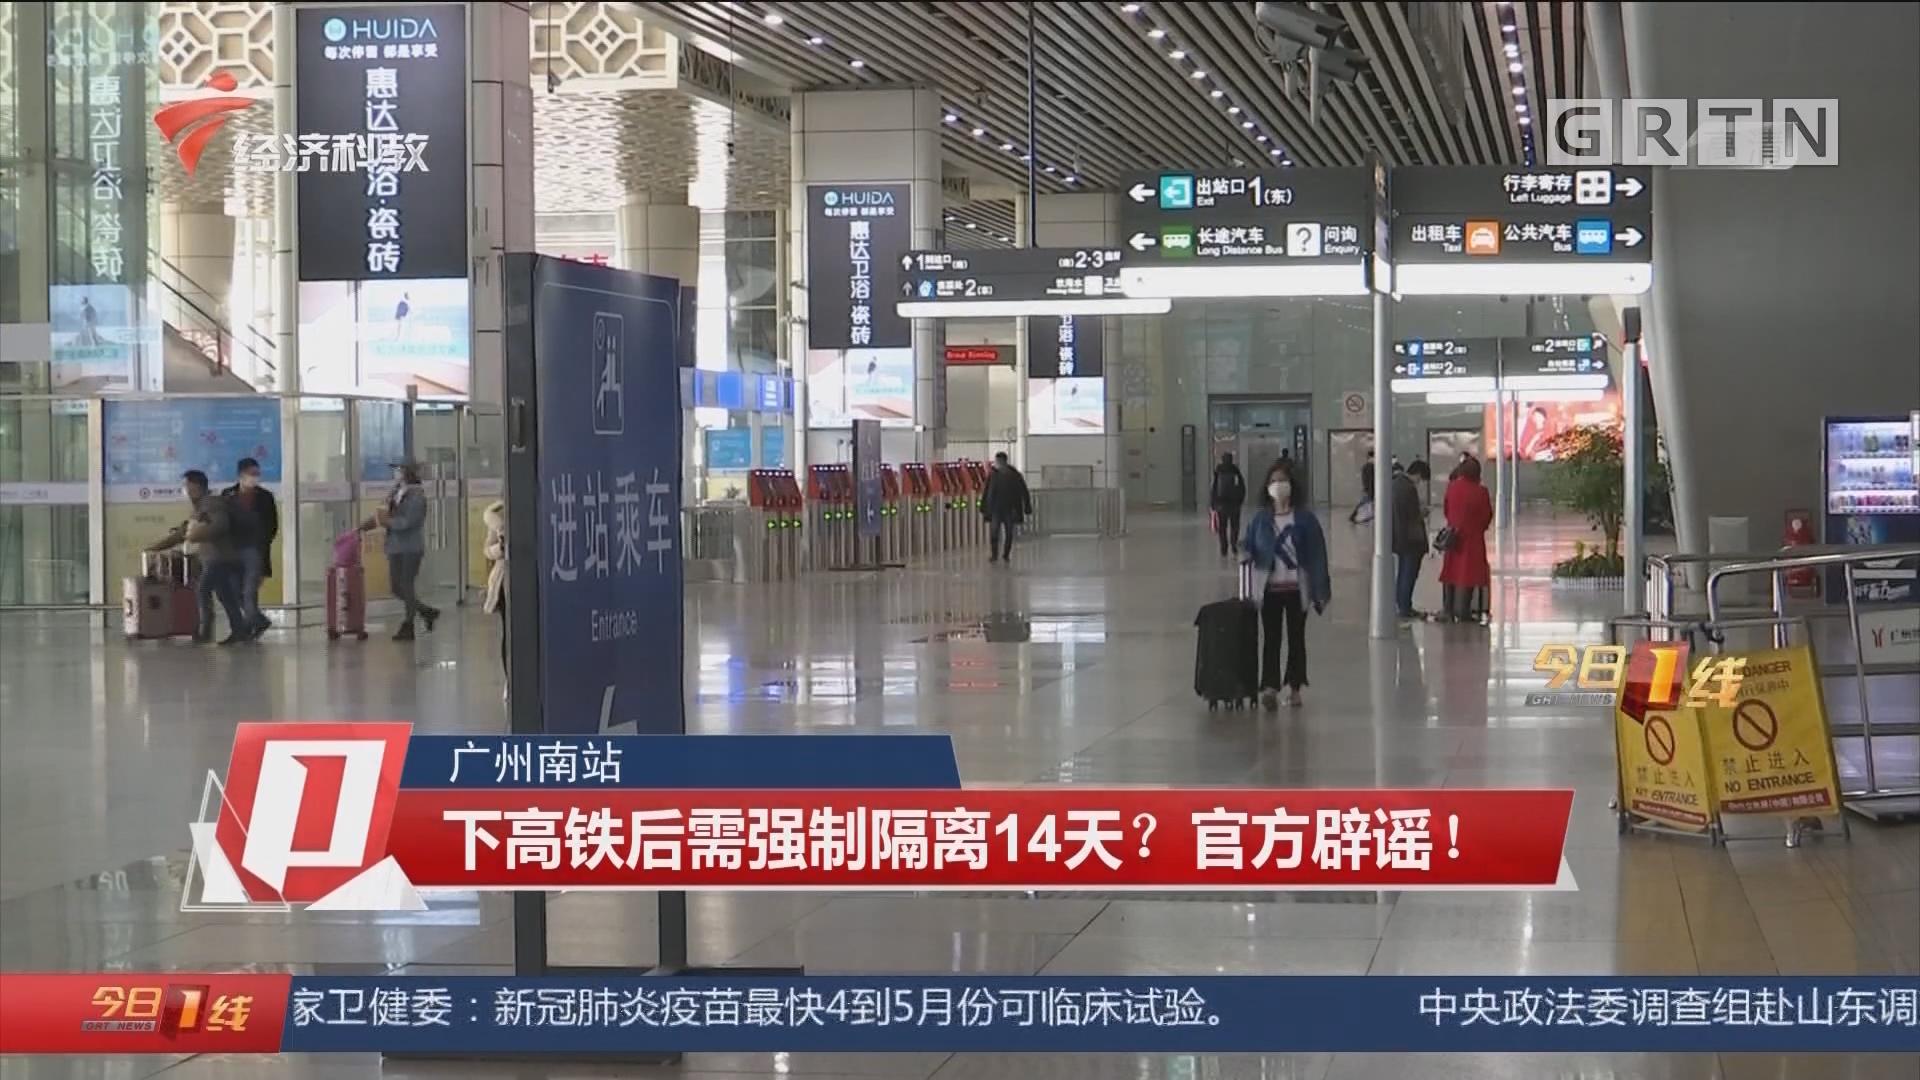 广州南站:下高铁后需强制隔离14天?官方辟谣!